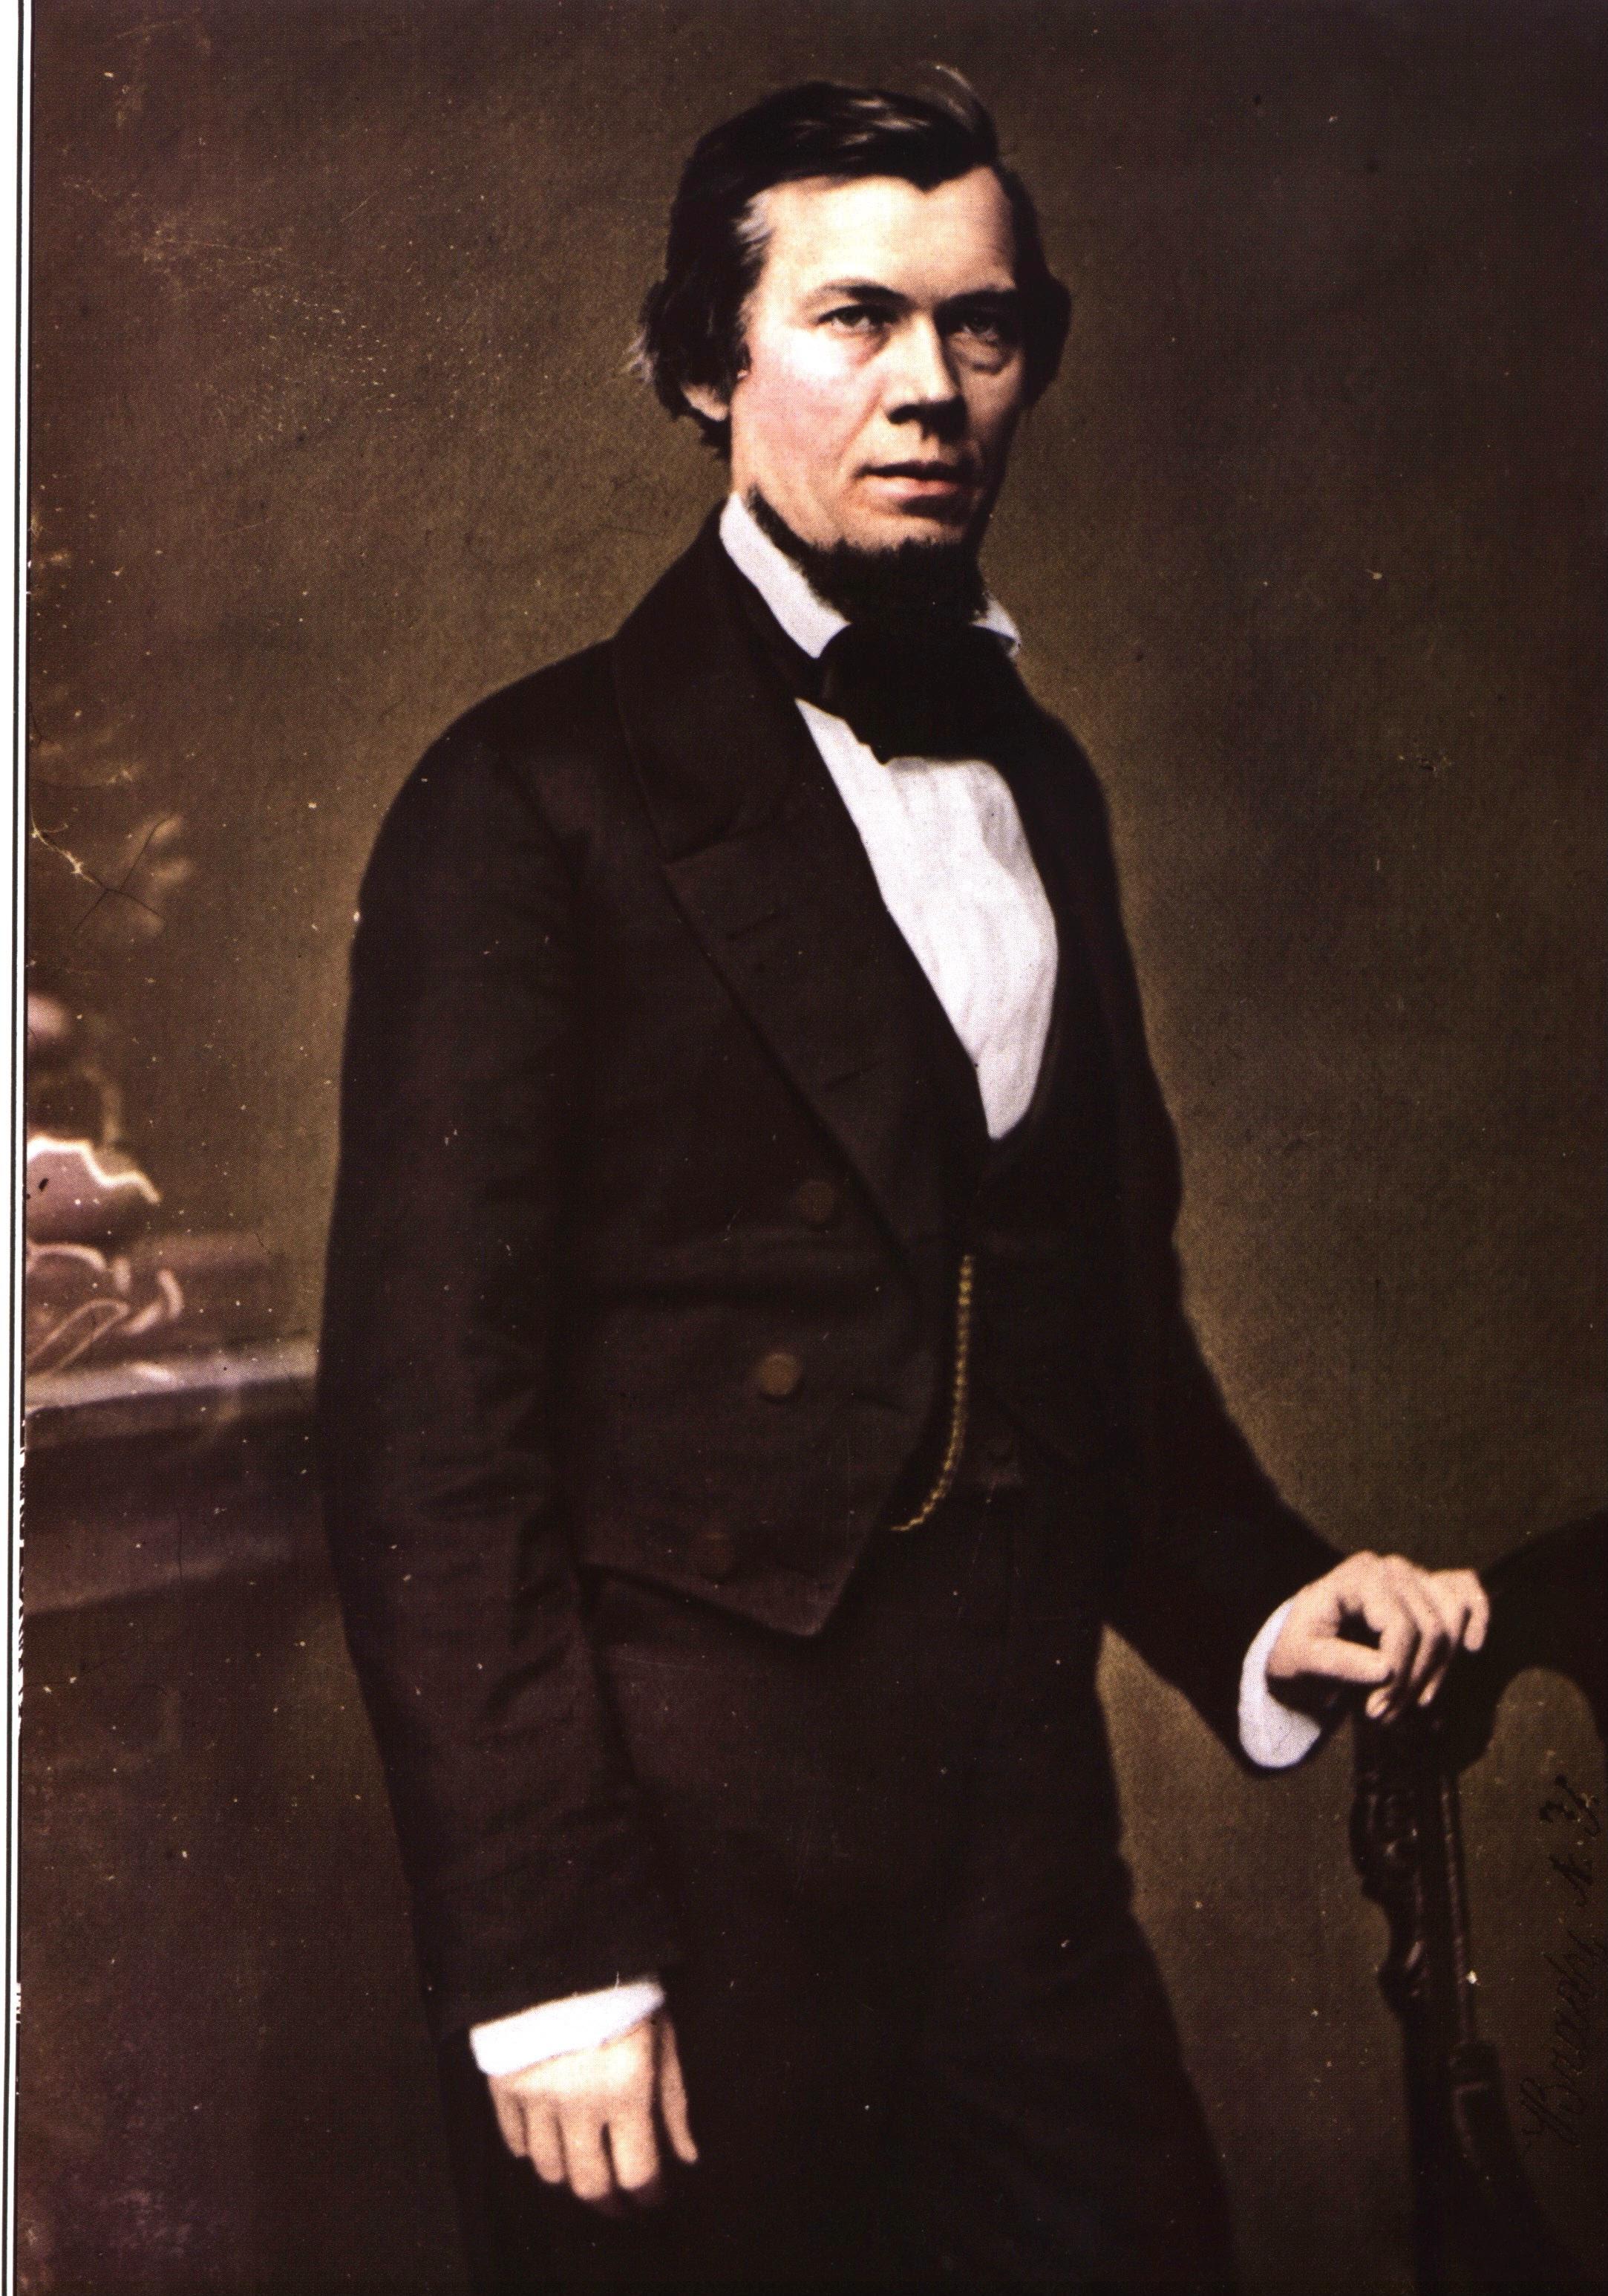 http://www.rootsweb.ancestry.com/~ncccha/images/jacobthompson/jacobthompson1.jpg